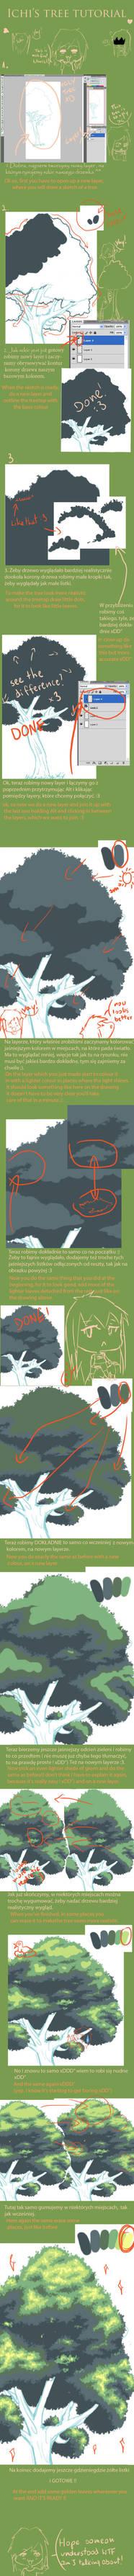 Ichi's tree tutorial by Ichi-14